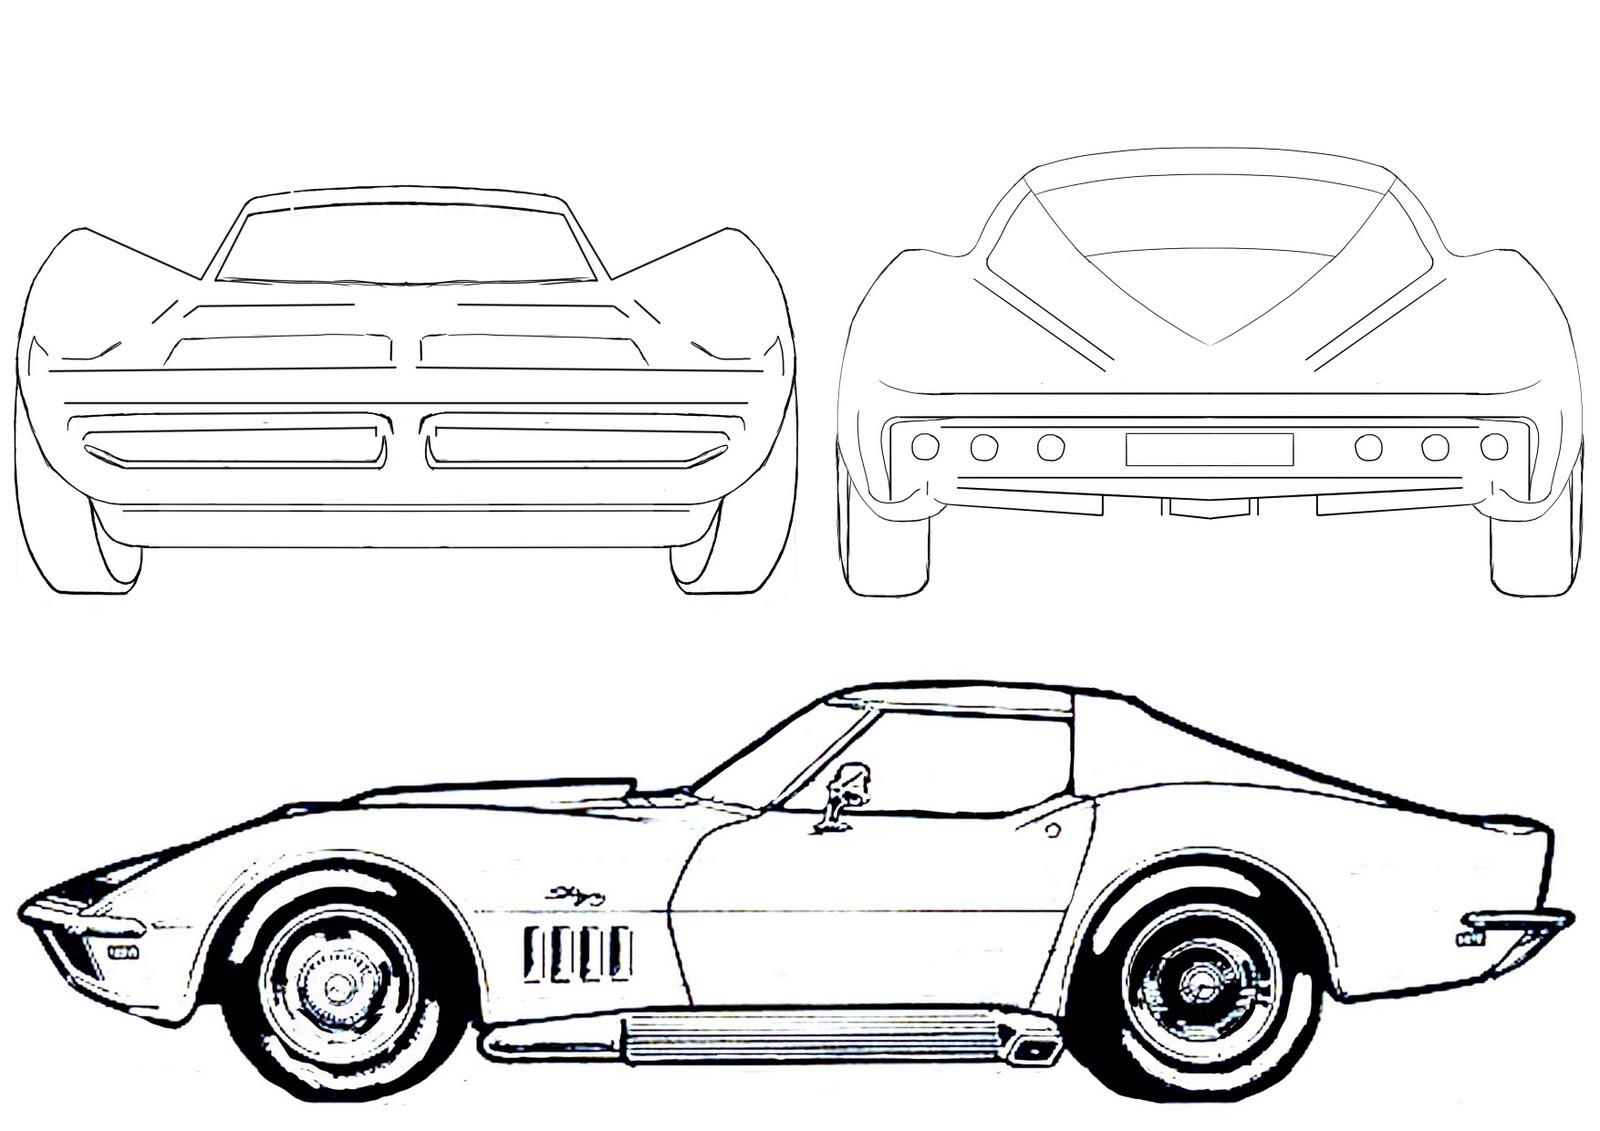 Car drawings - Cars